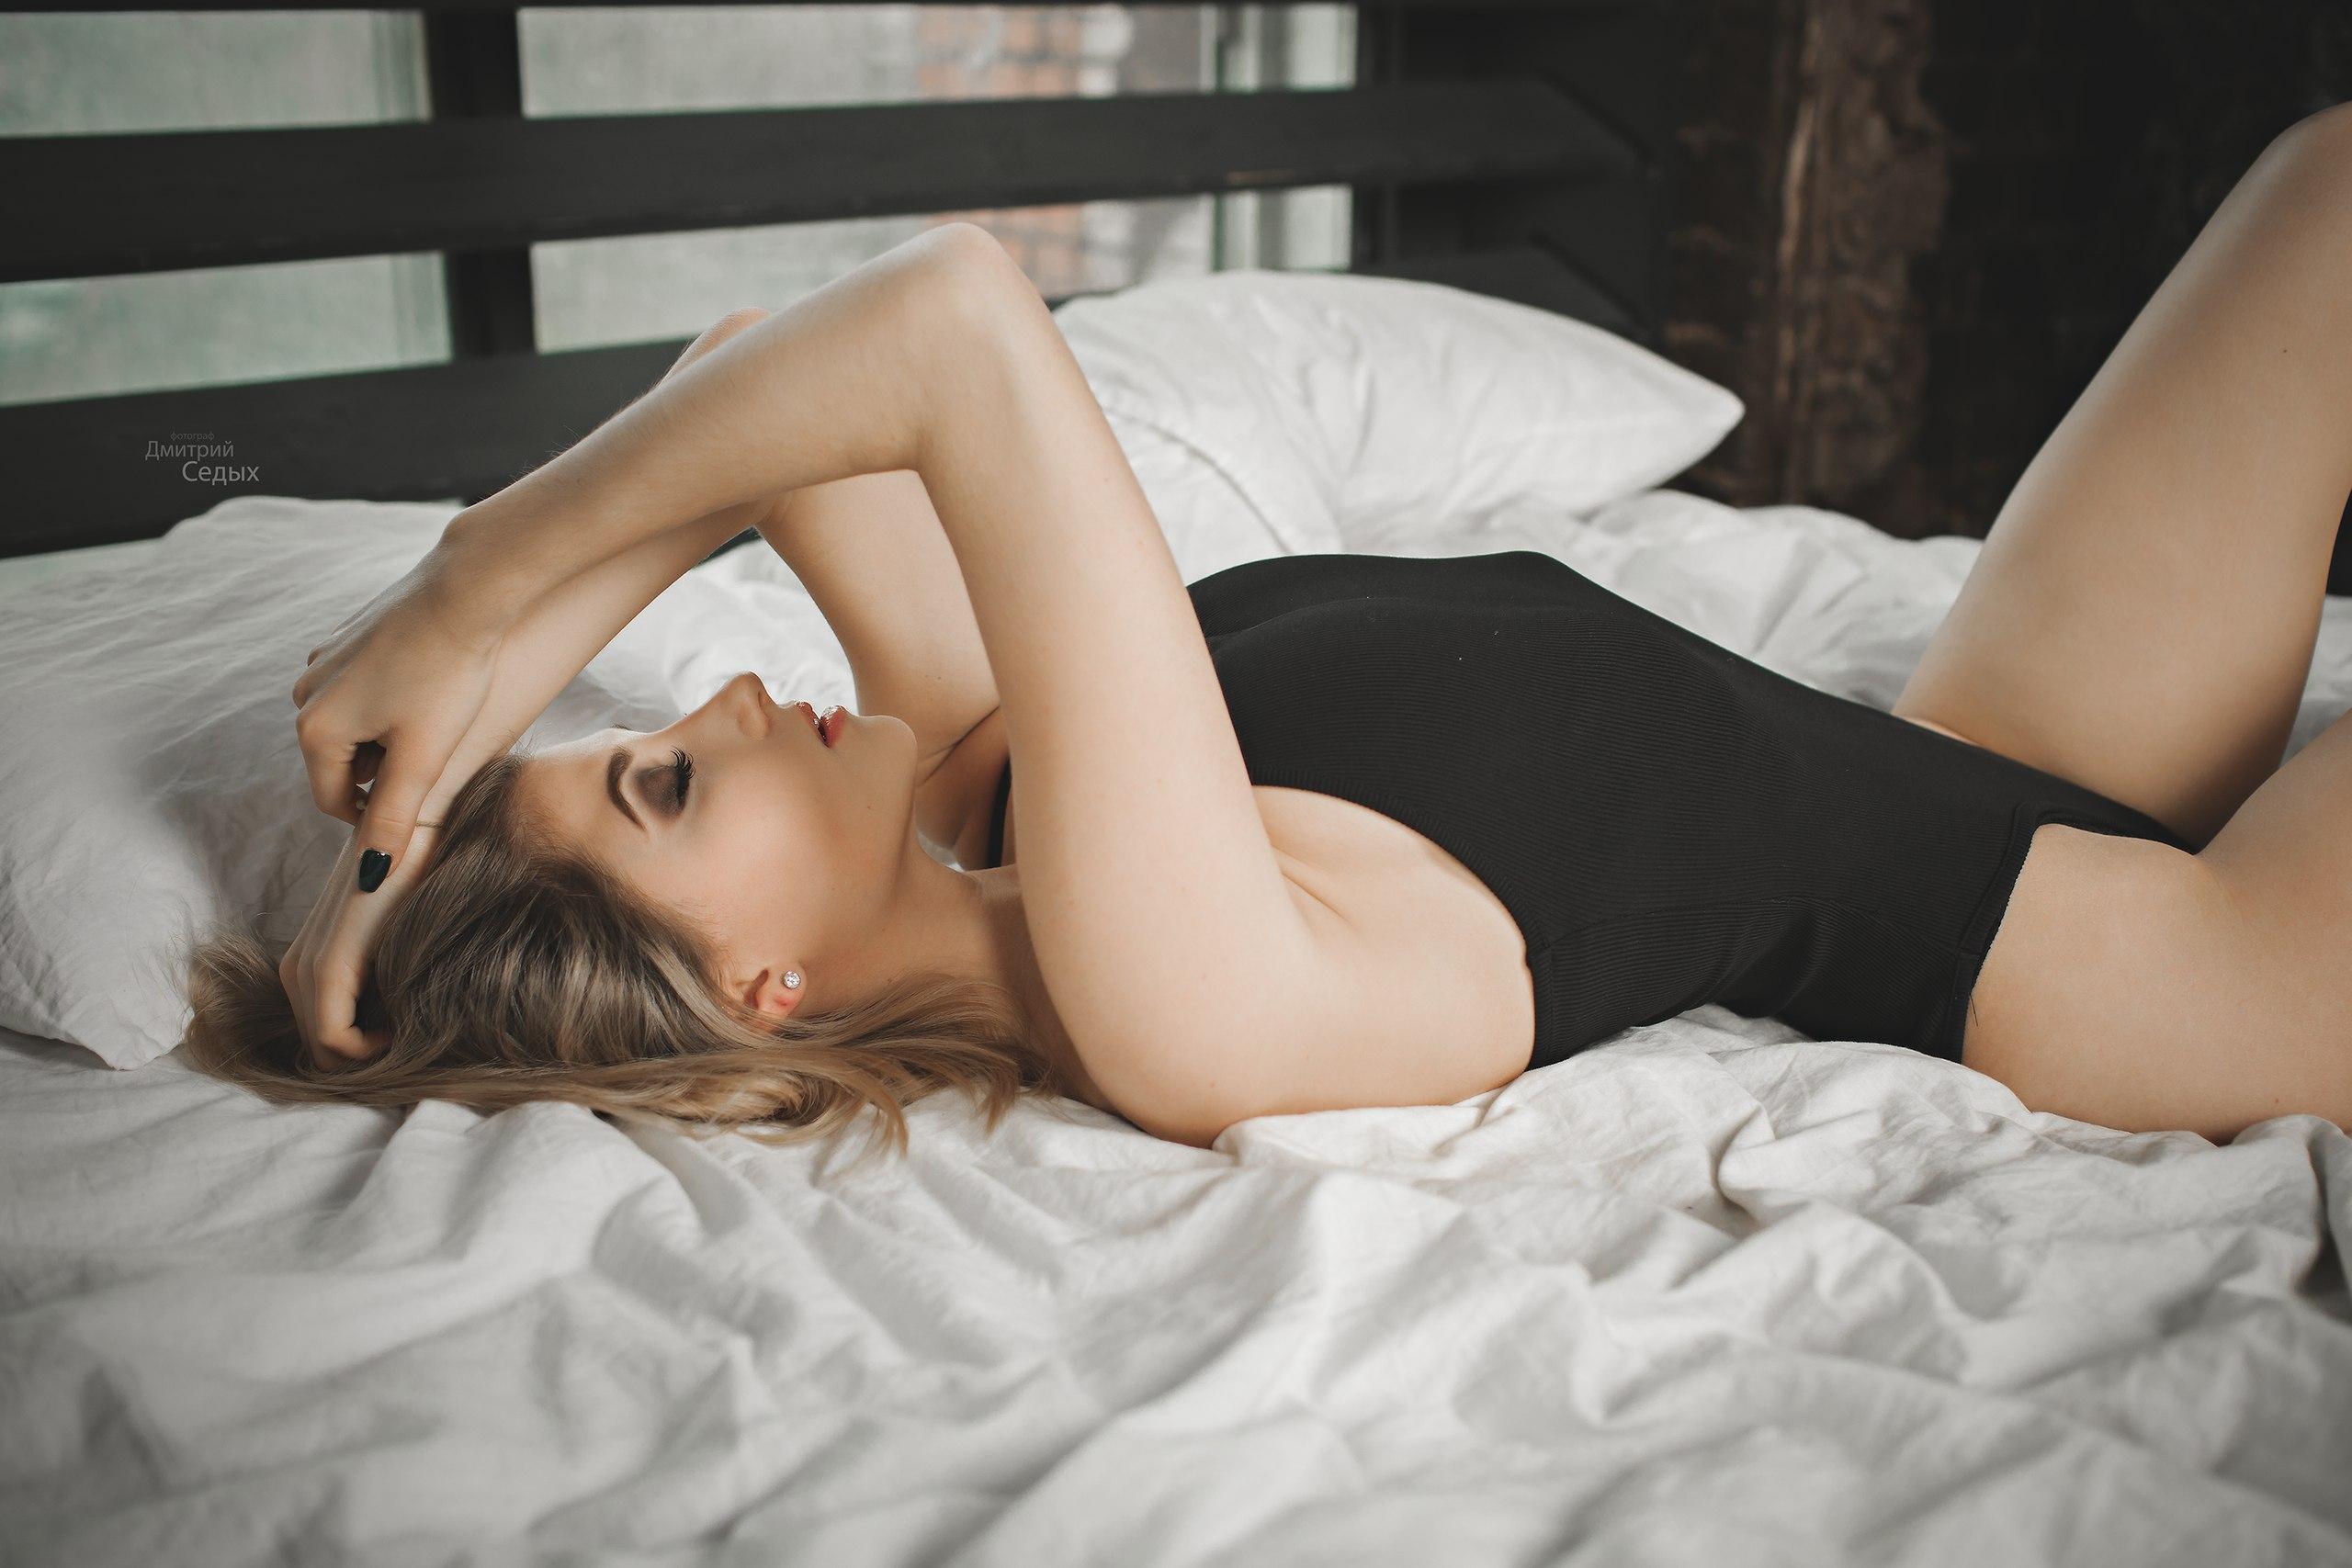 пропустил пару девушка лежит в кровати фото на телефон предложила